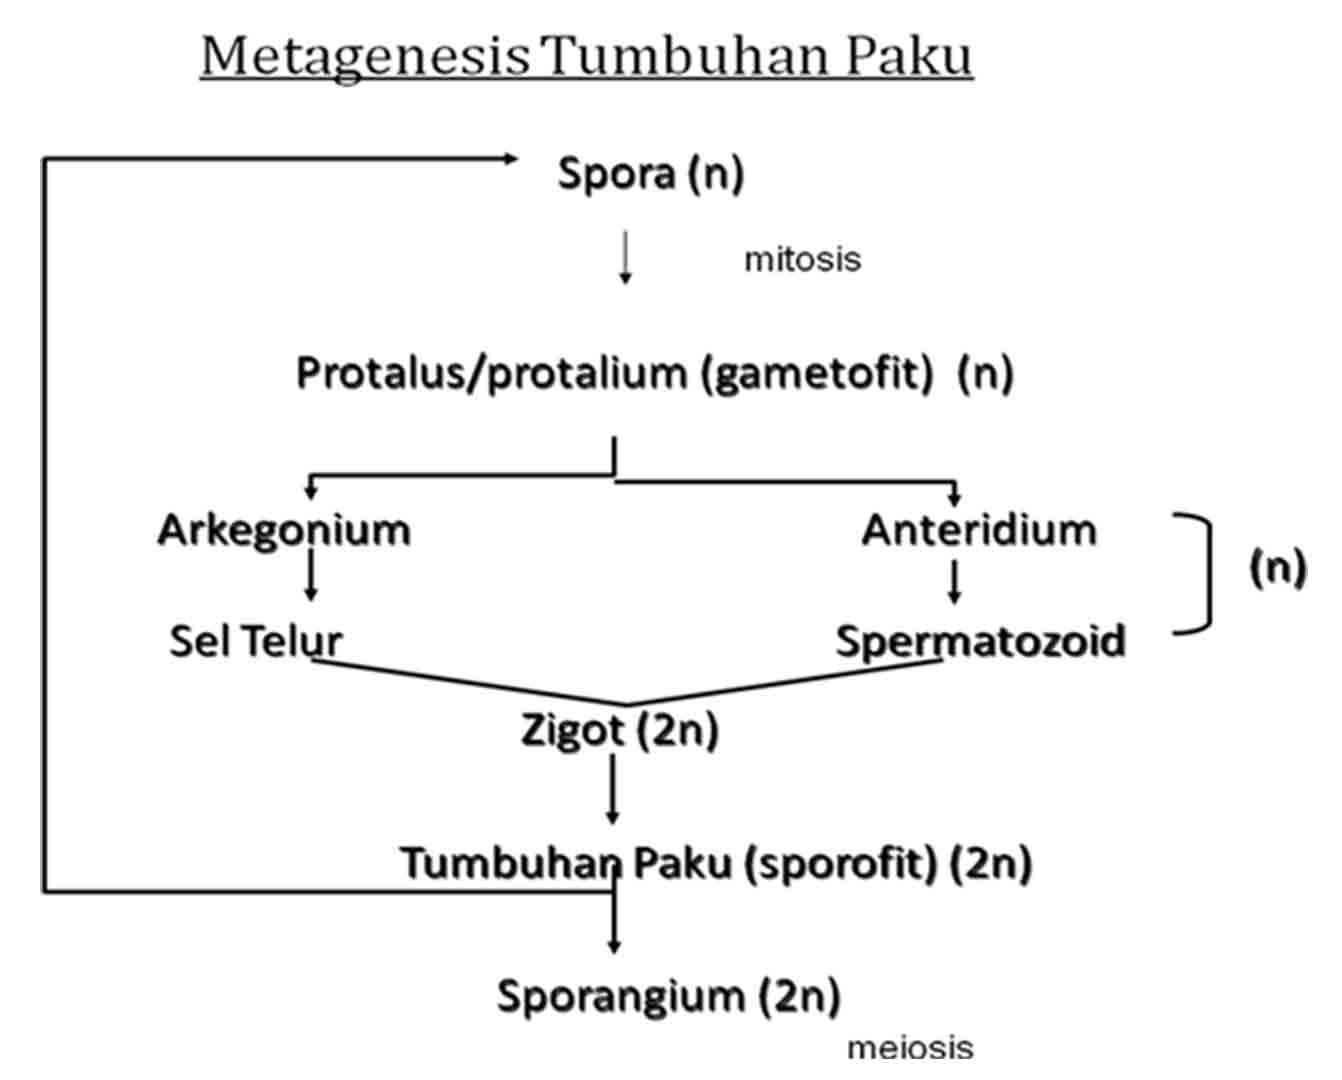 Skema metagenesis paku contoh metagenesis pada paku